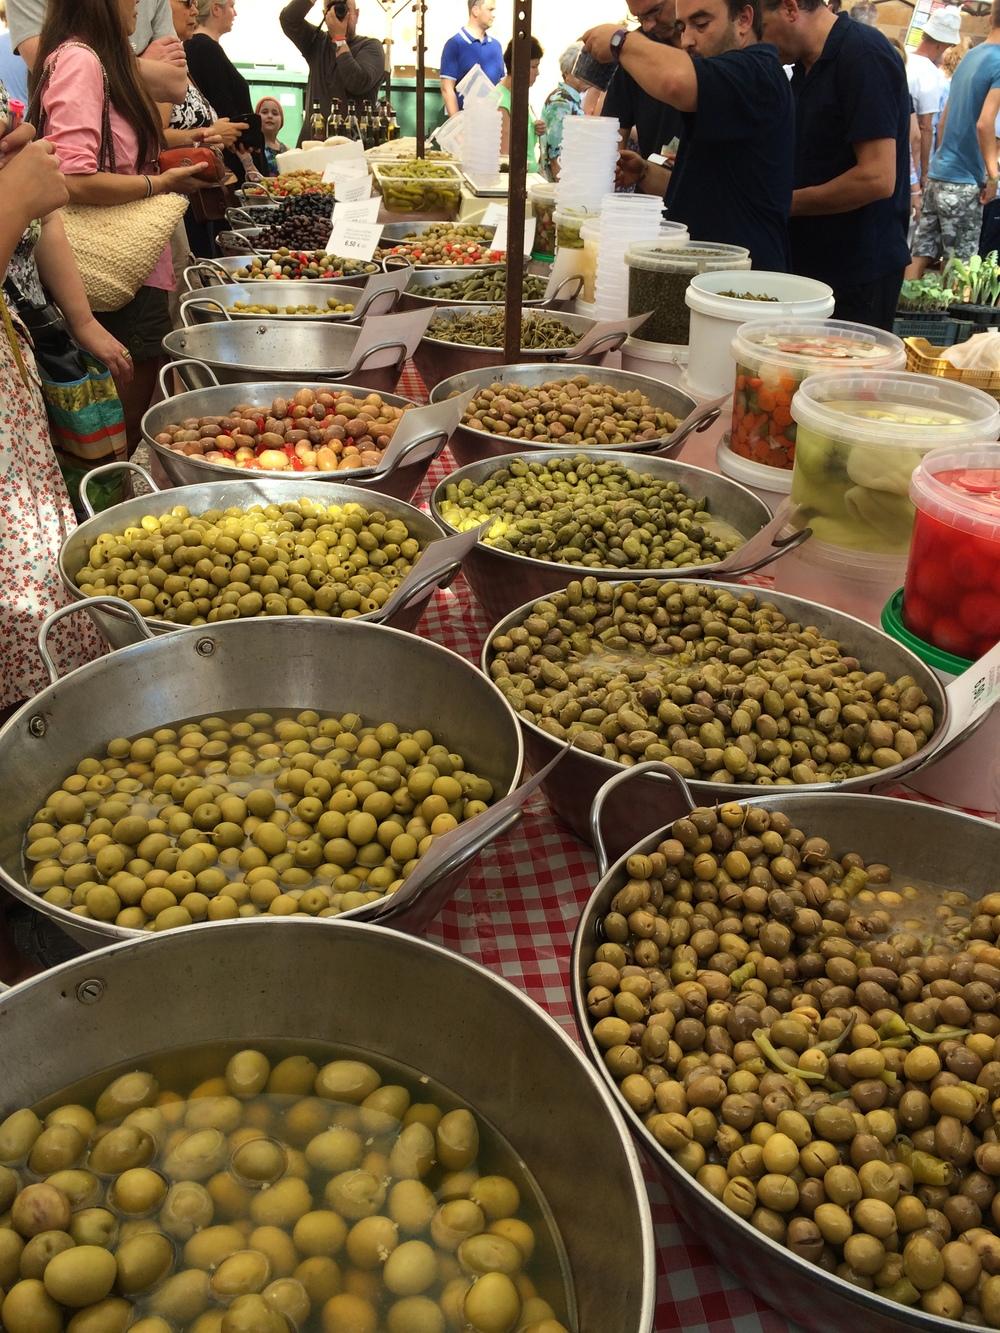 Olives on olives on olives...